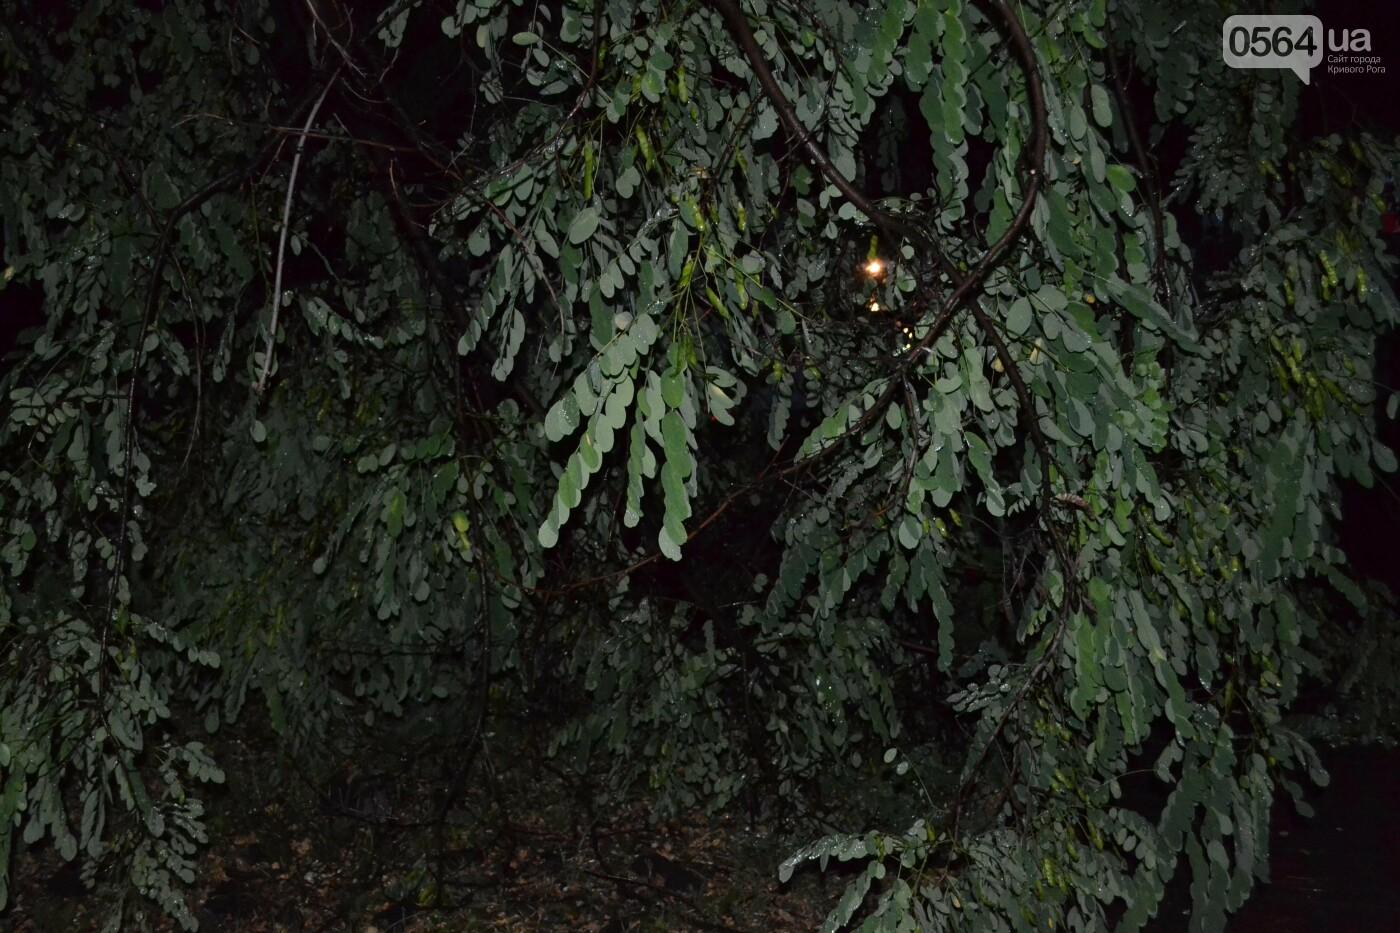 На Кривой Рог обрушился шквал и град, - ФОТО, фото-7